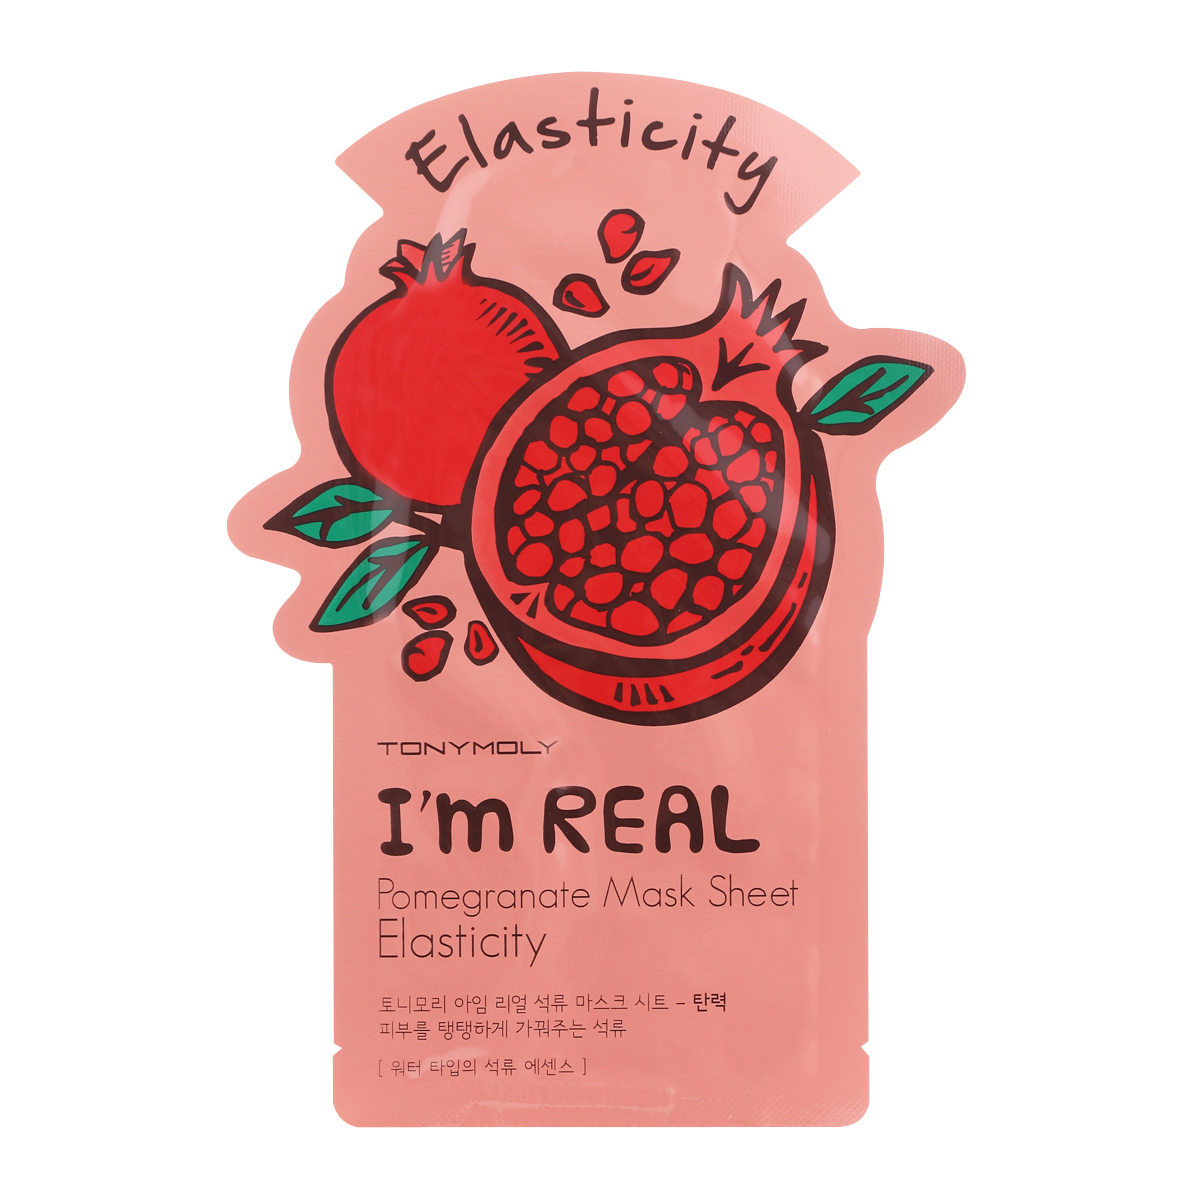 TonyMoly I'M Real Pomegranate Mask Sheet - Elasticity